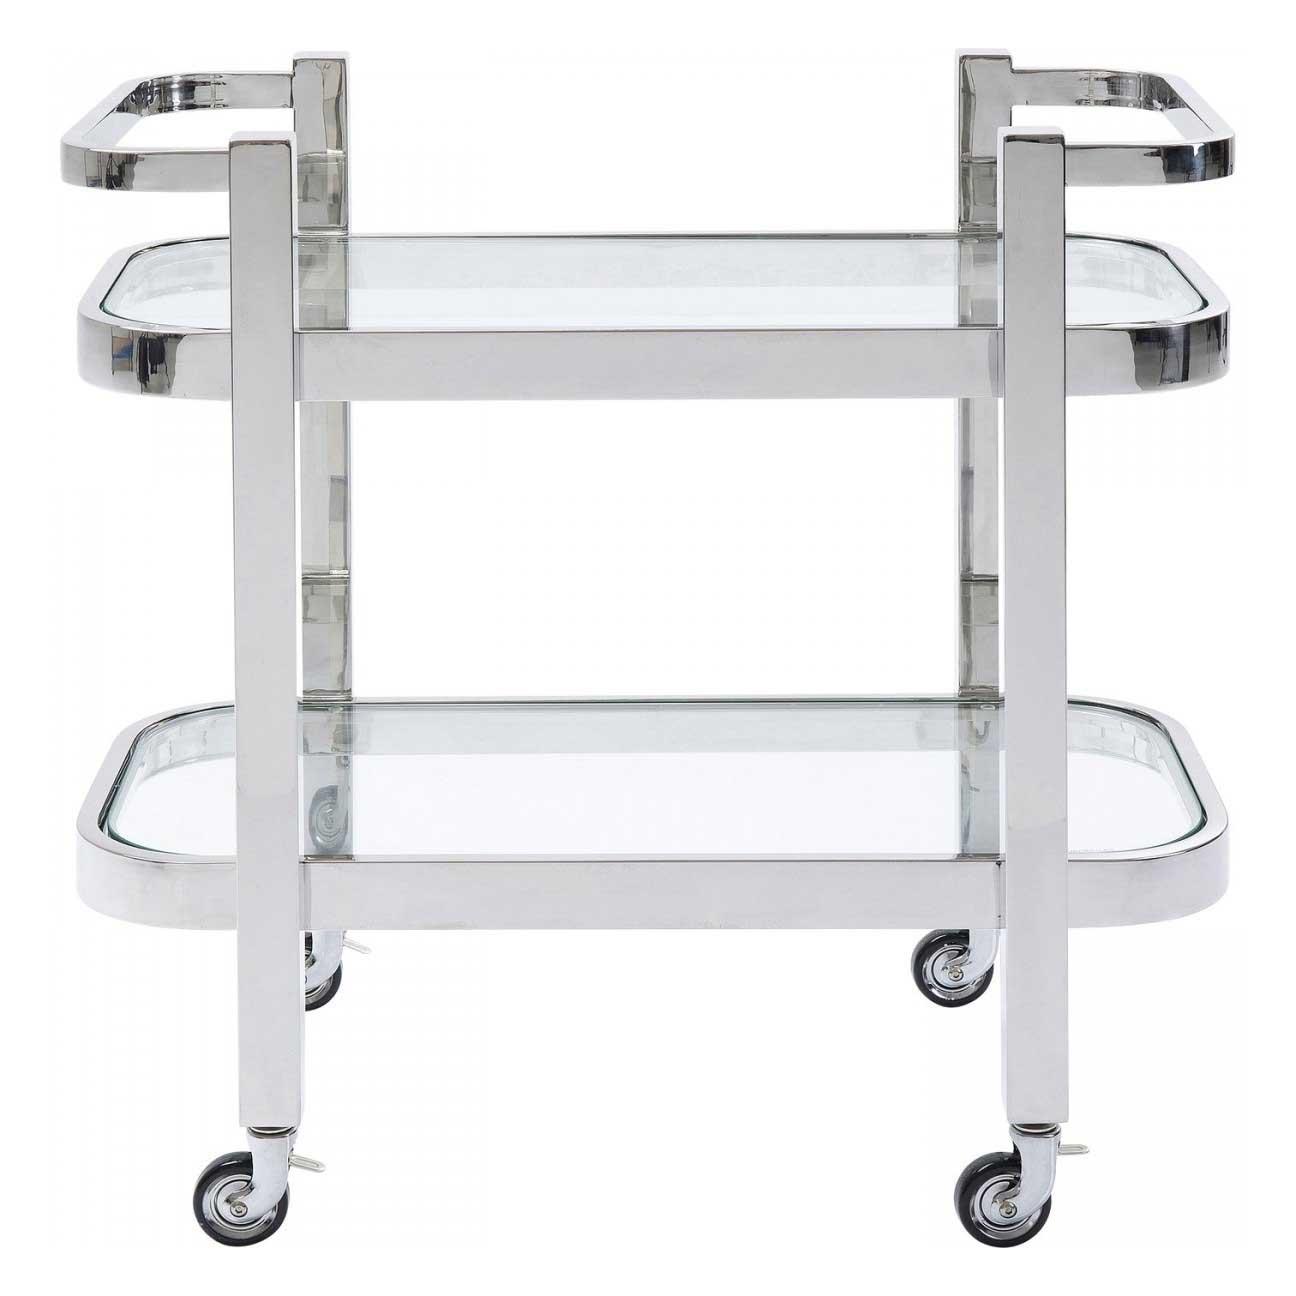 KARE DESIGN rektangulær Daydrinking rullebord, m. hylde - glas og sølv stål